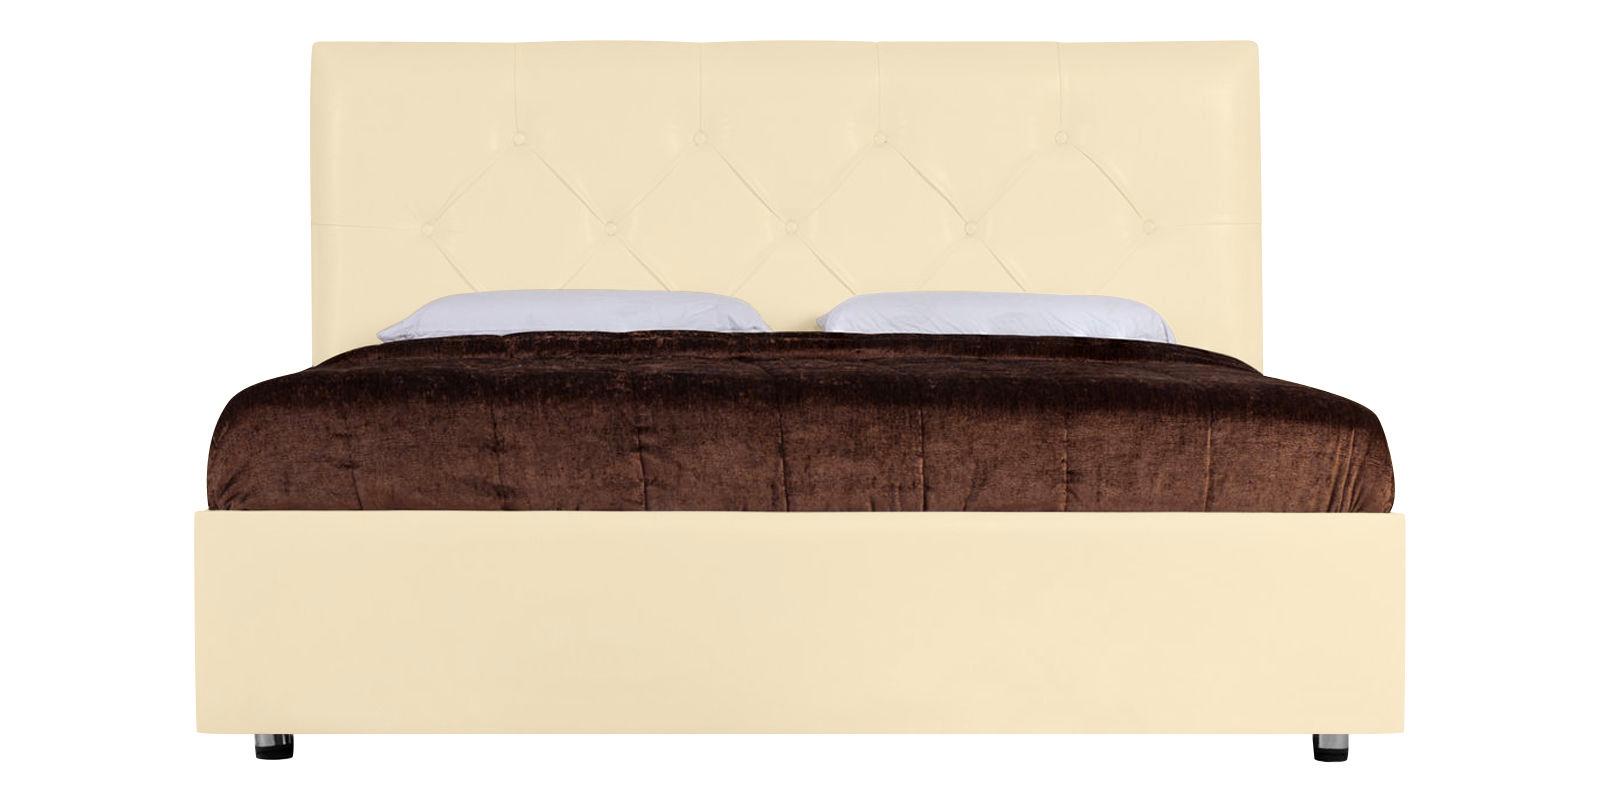 Мягкая кровать 200х160 Малибу вариант №2 с ортопедическим основанием (Бежевый)